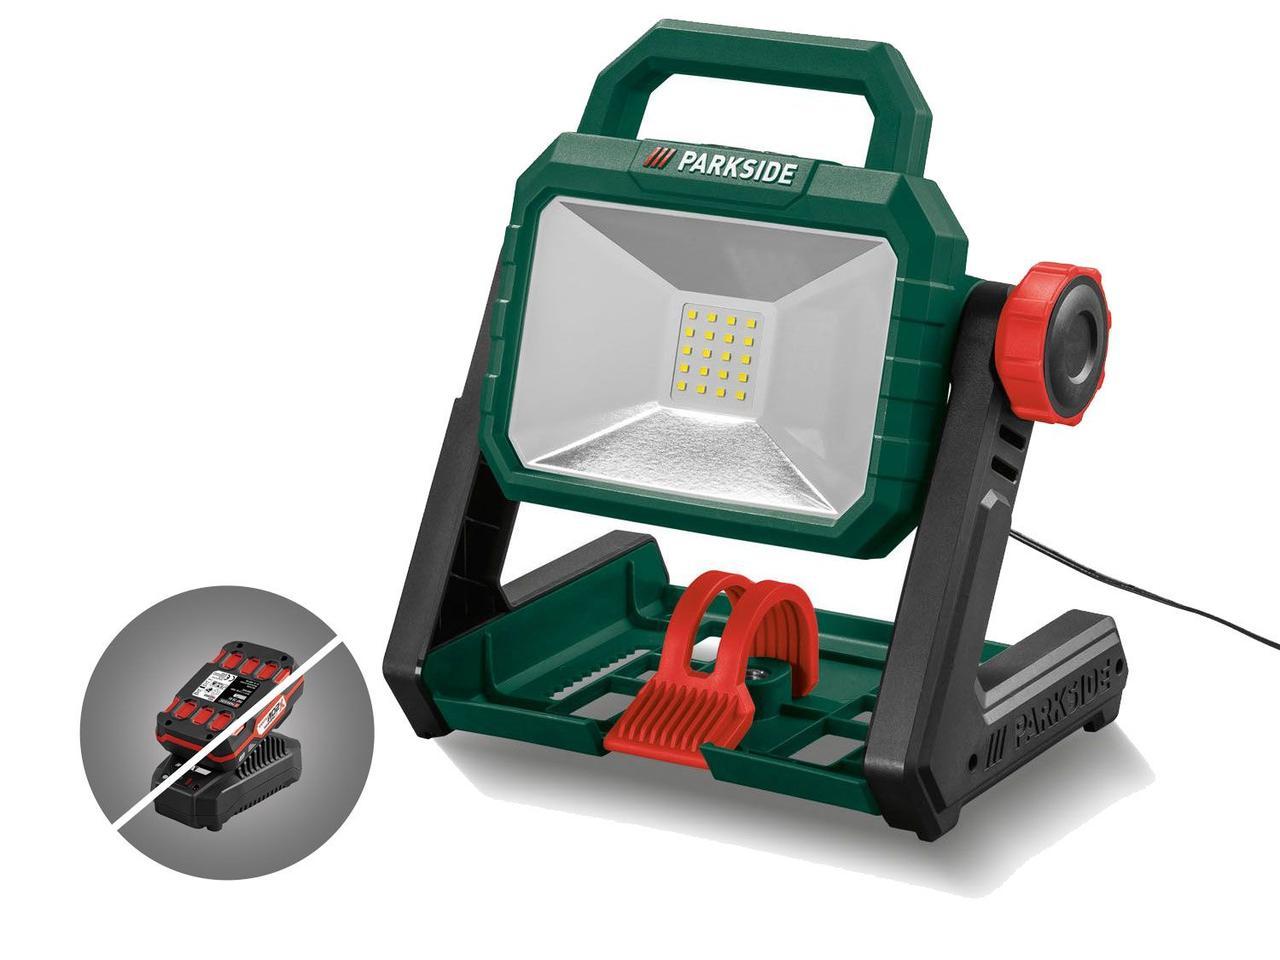 Аккумуляторный светодиодный прожектор PARKSIDE PALS 20-Li A1 (Без АКБ и ЗУ)